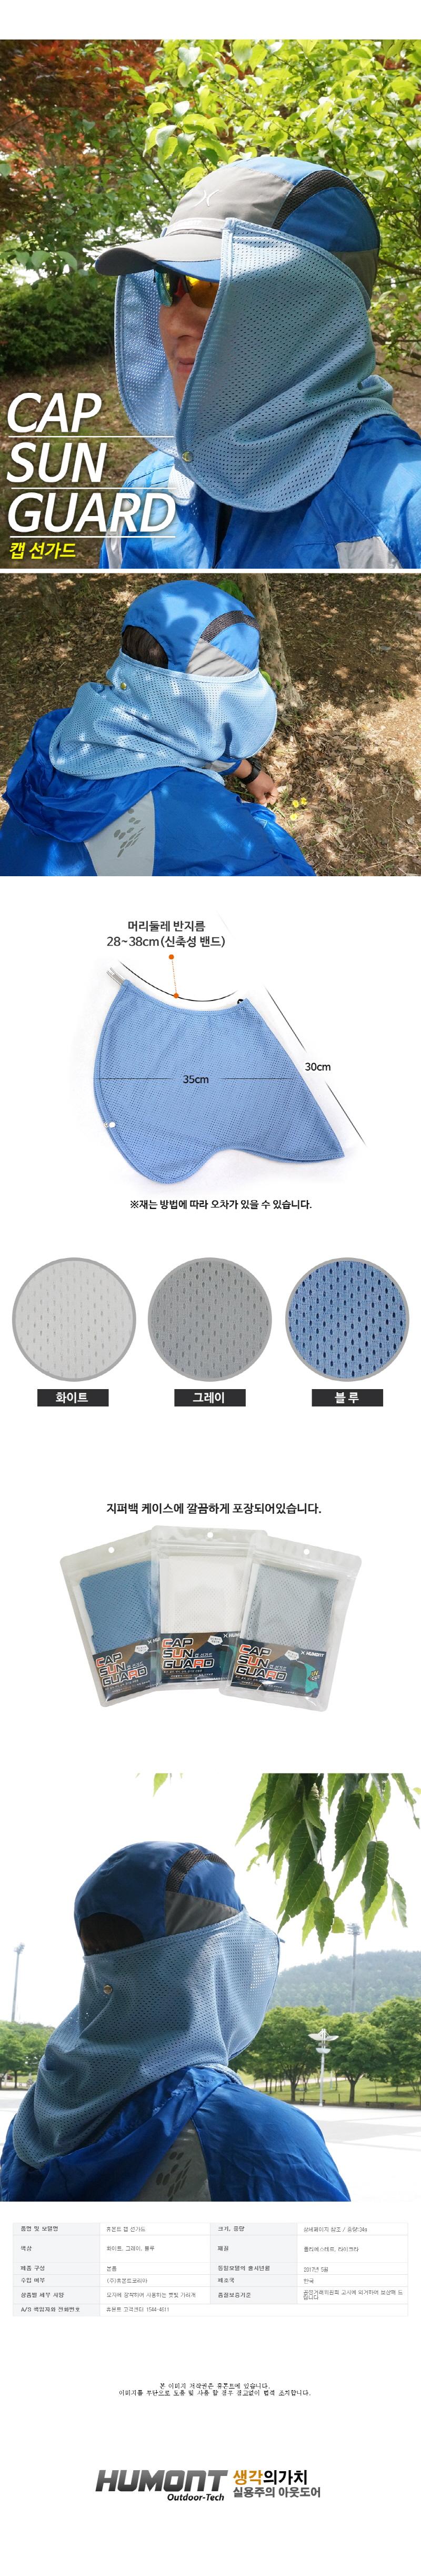 [휴몬트] 캡 선가드(햇빛가리개)/자외선차단/등산용품 - 아웃도어랜드몰, 6,900원, 등산용품, 등산의류/패션잡화